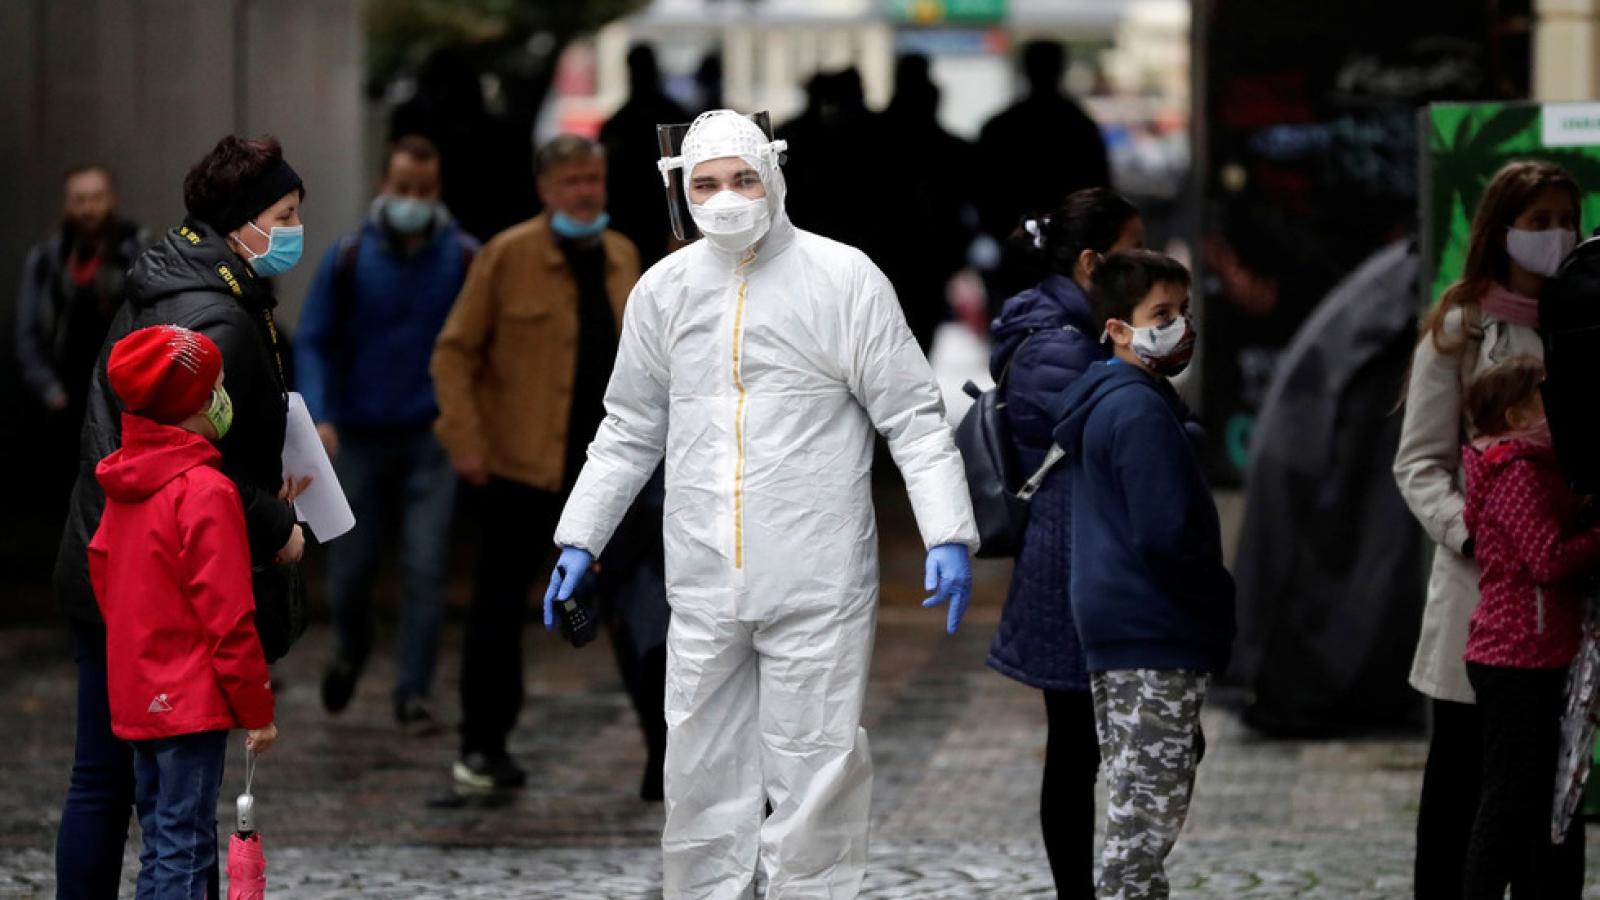 Cộng hòa Séc ban bố tình trạng khẩn cấp từ hôm nay để chống dịch Covid-19